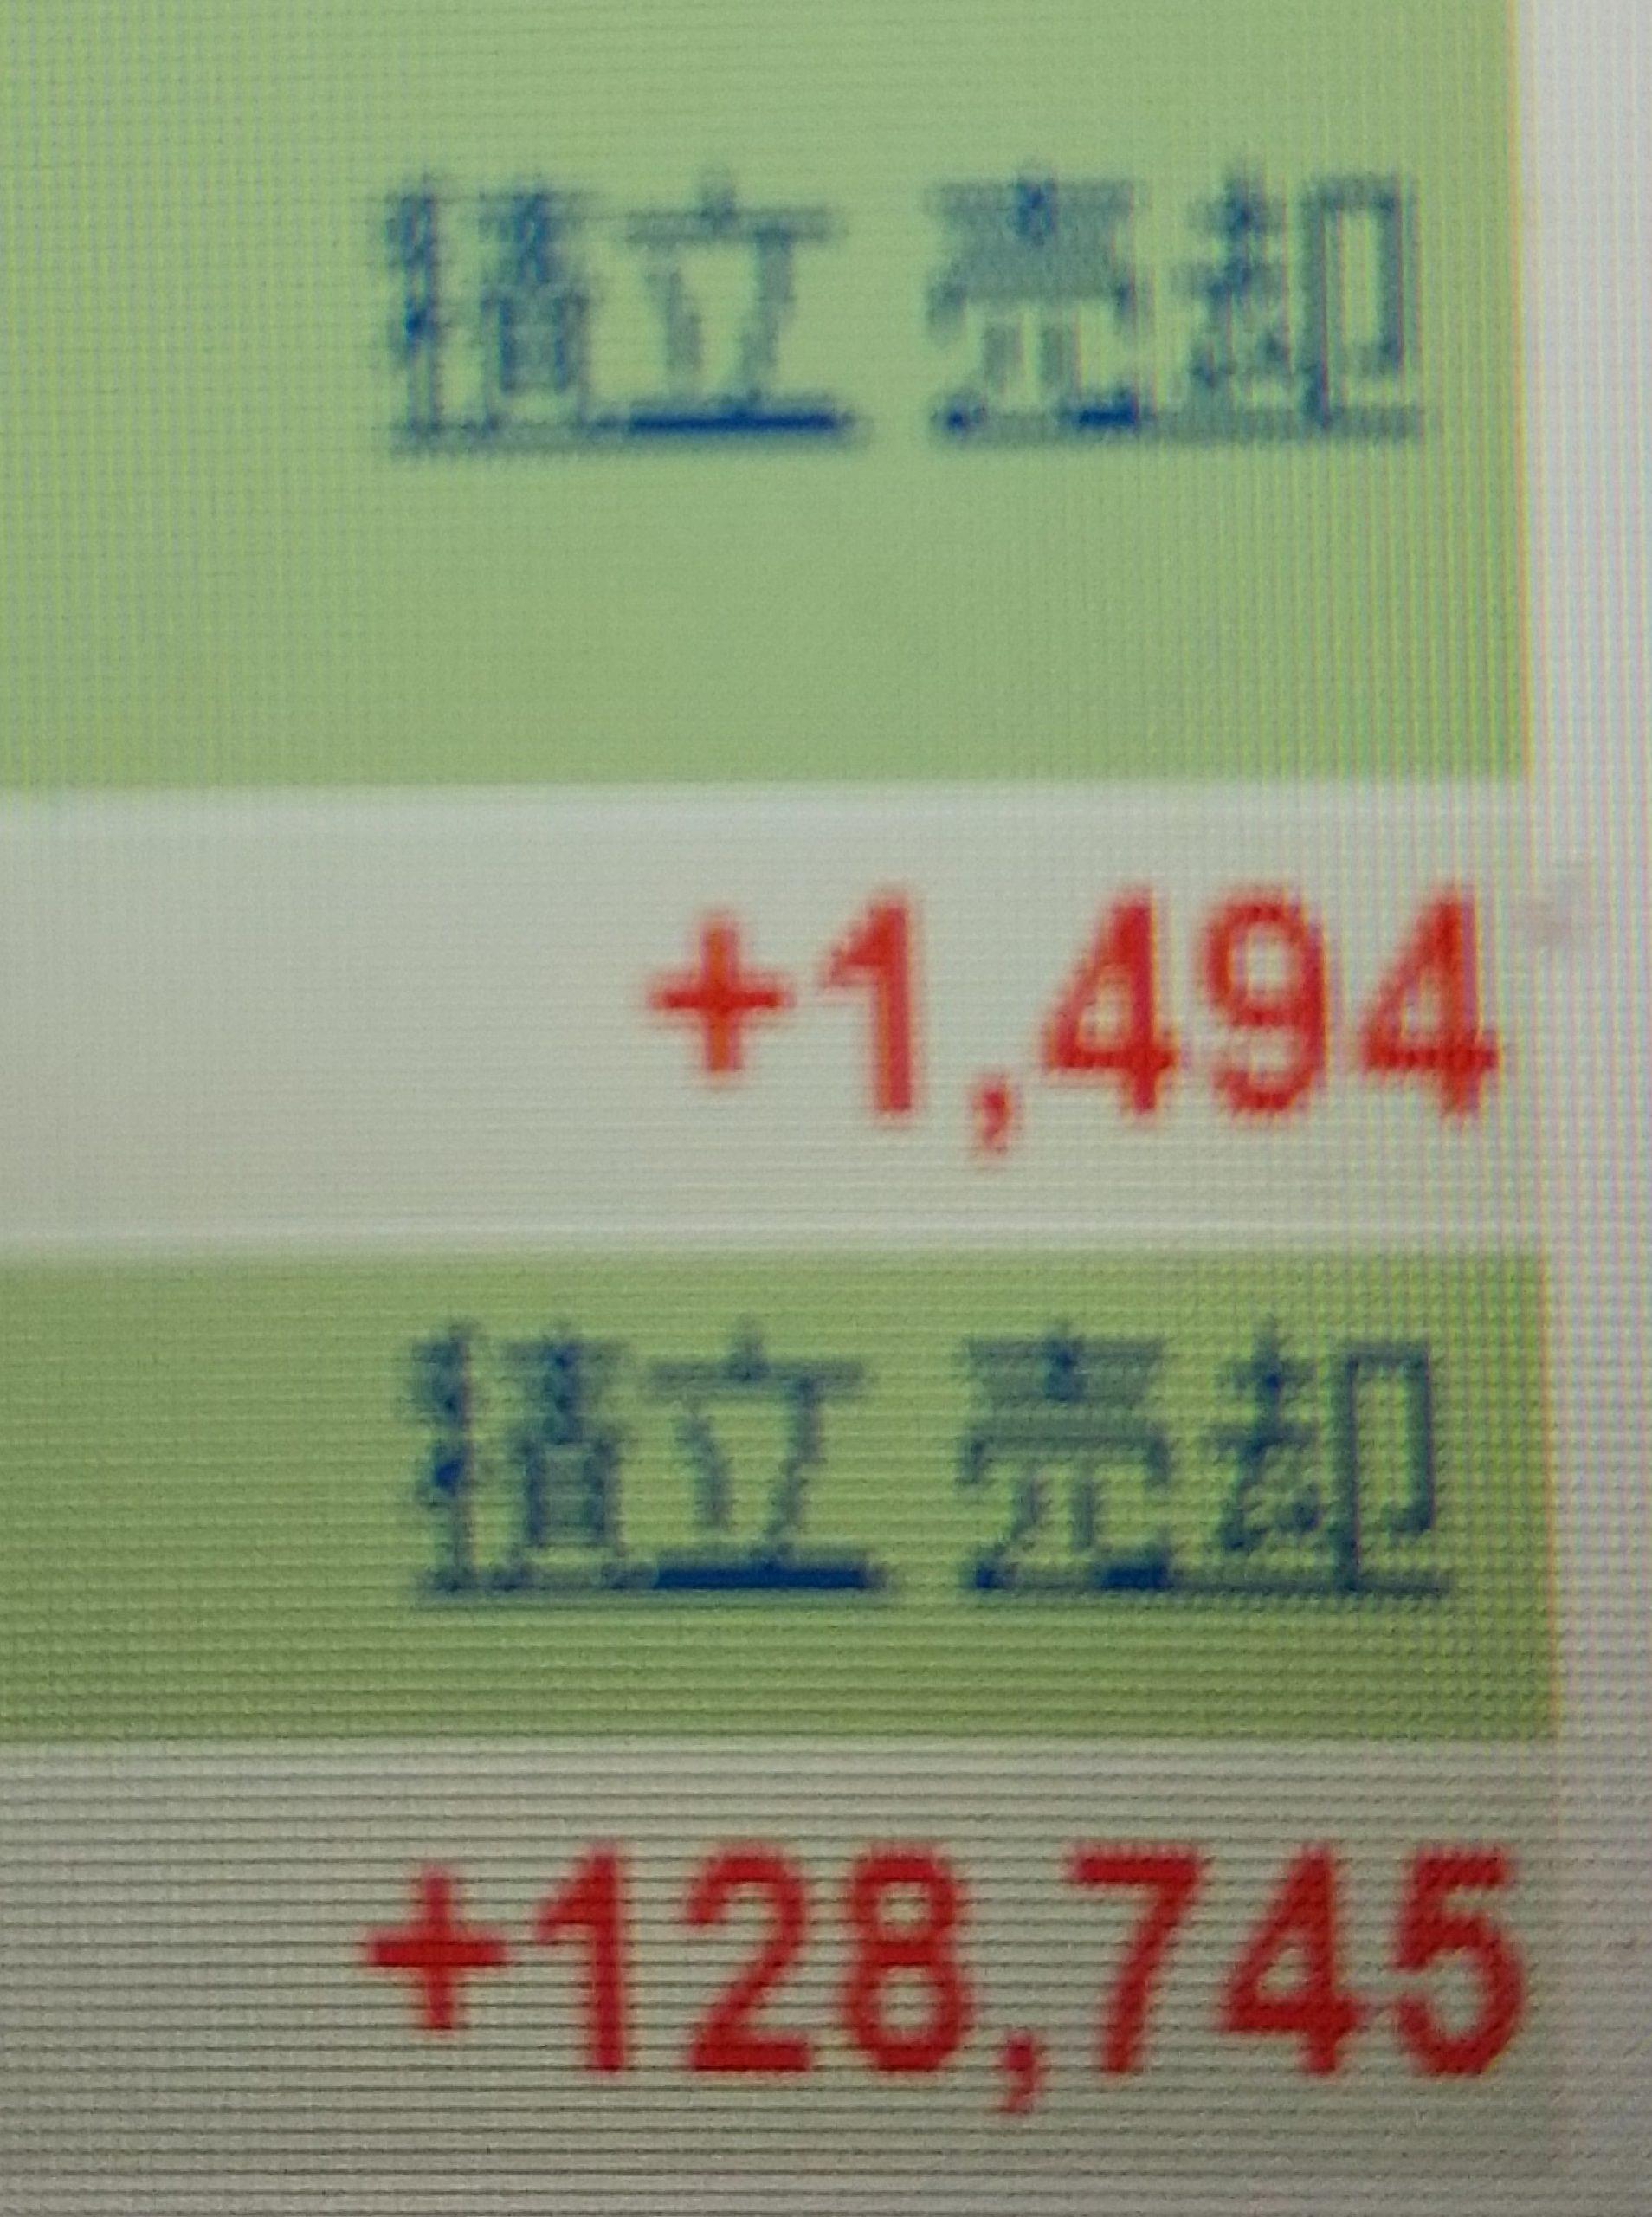 最近のコロナウイルスによる株式市場の大暴落を見て思うこと。